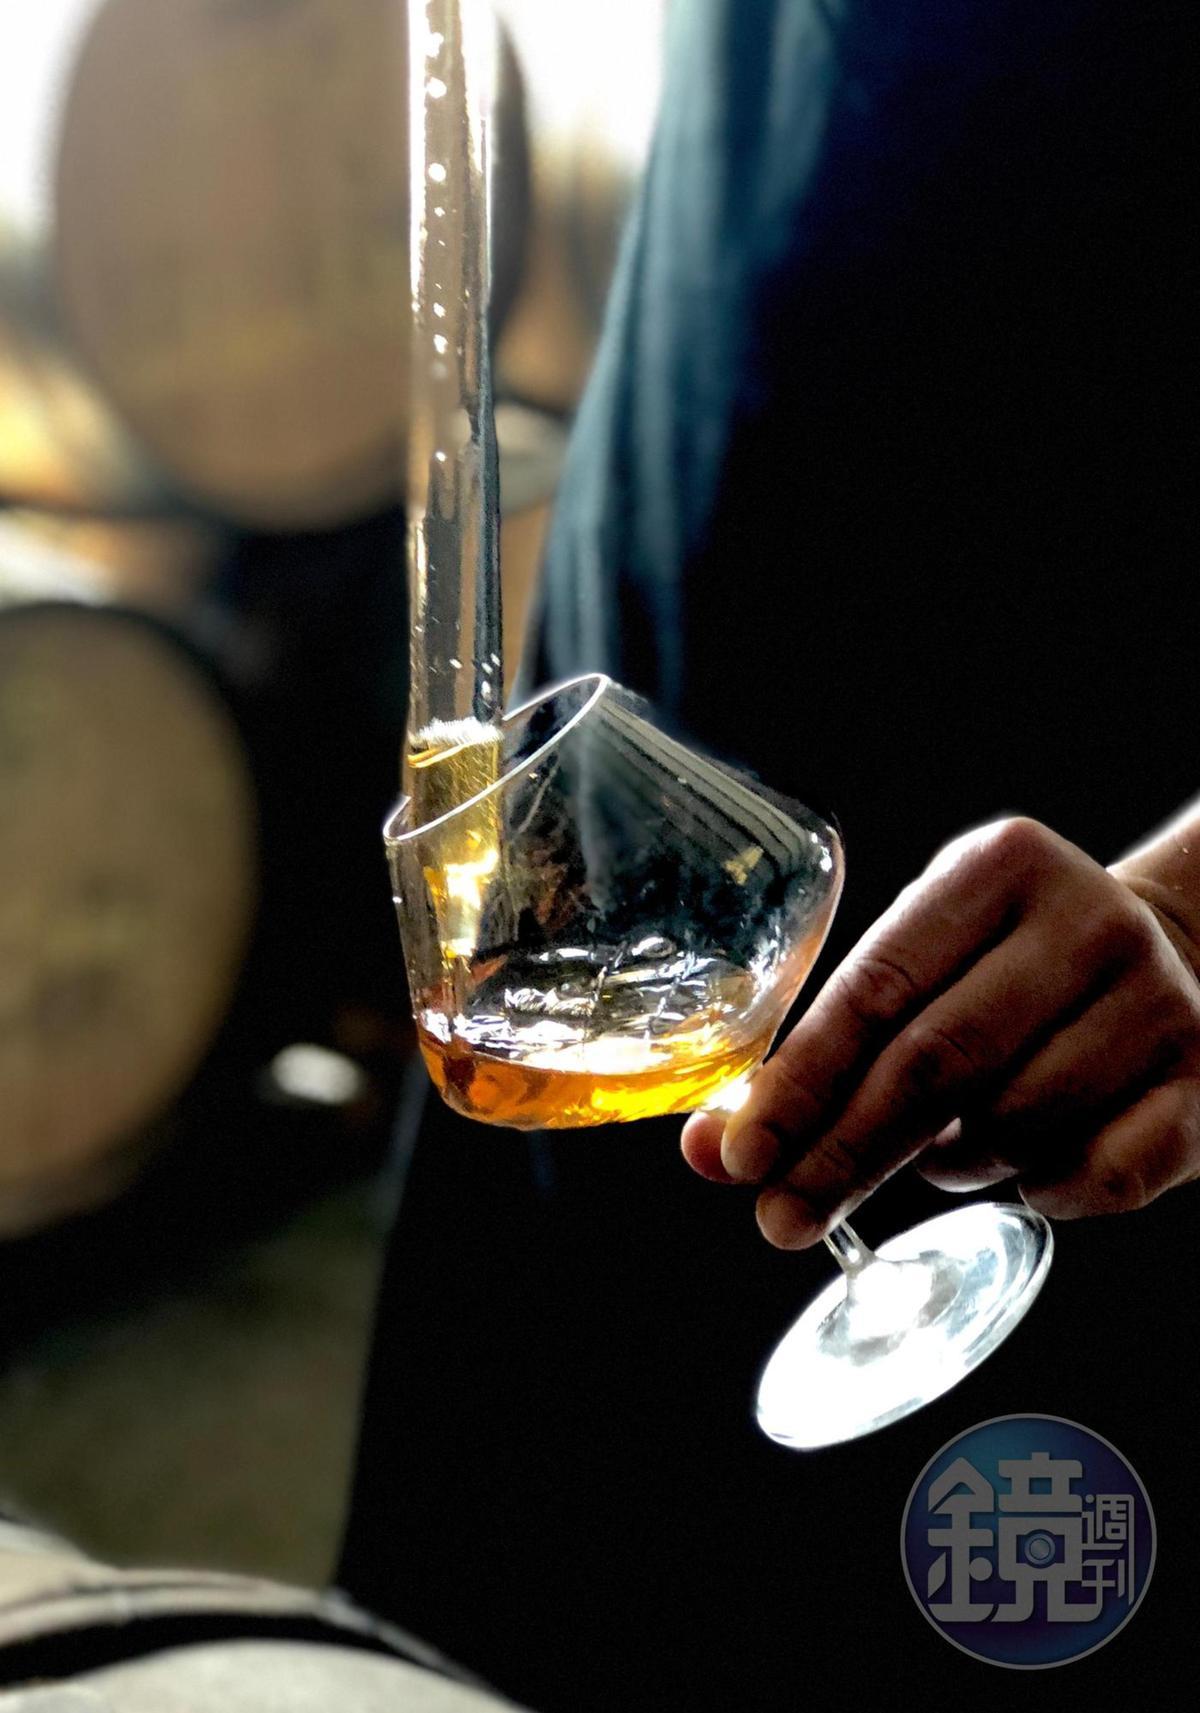 經過4、5年陳放的埔桃酒,琥珀色如燦亮的陽光。